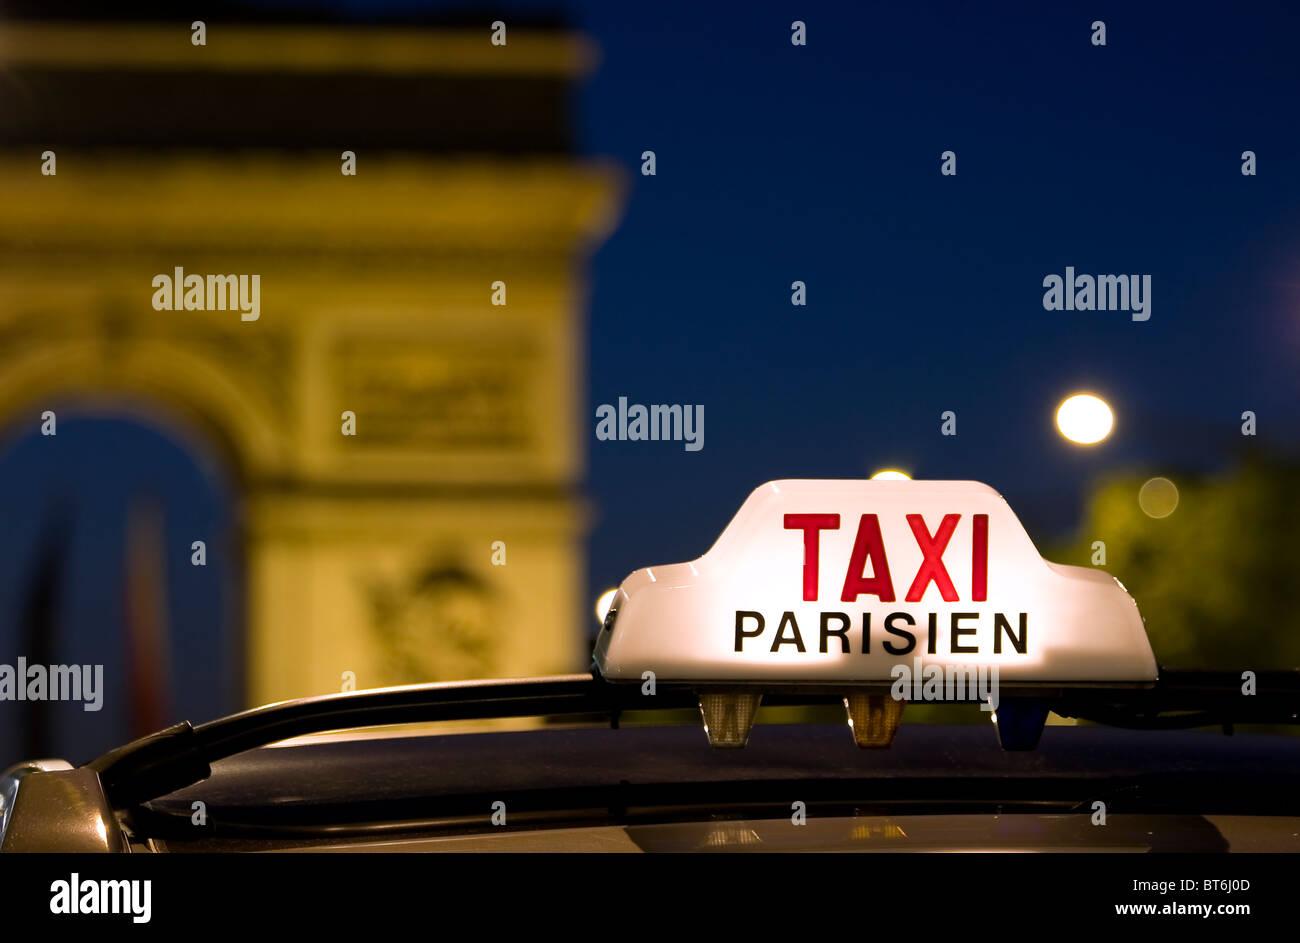 Paris taxi - Stock Image